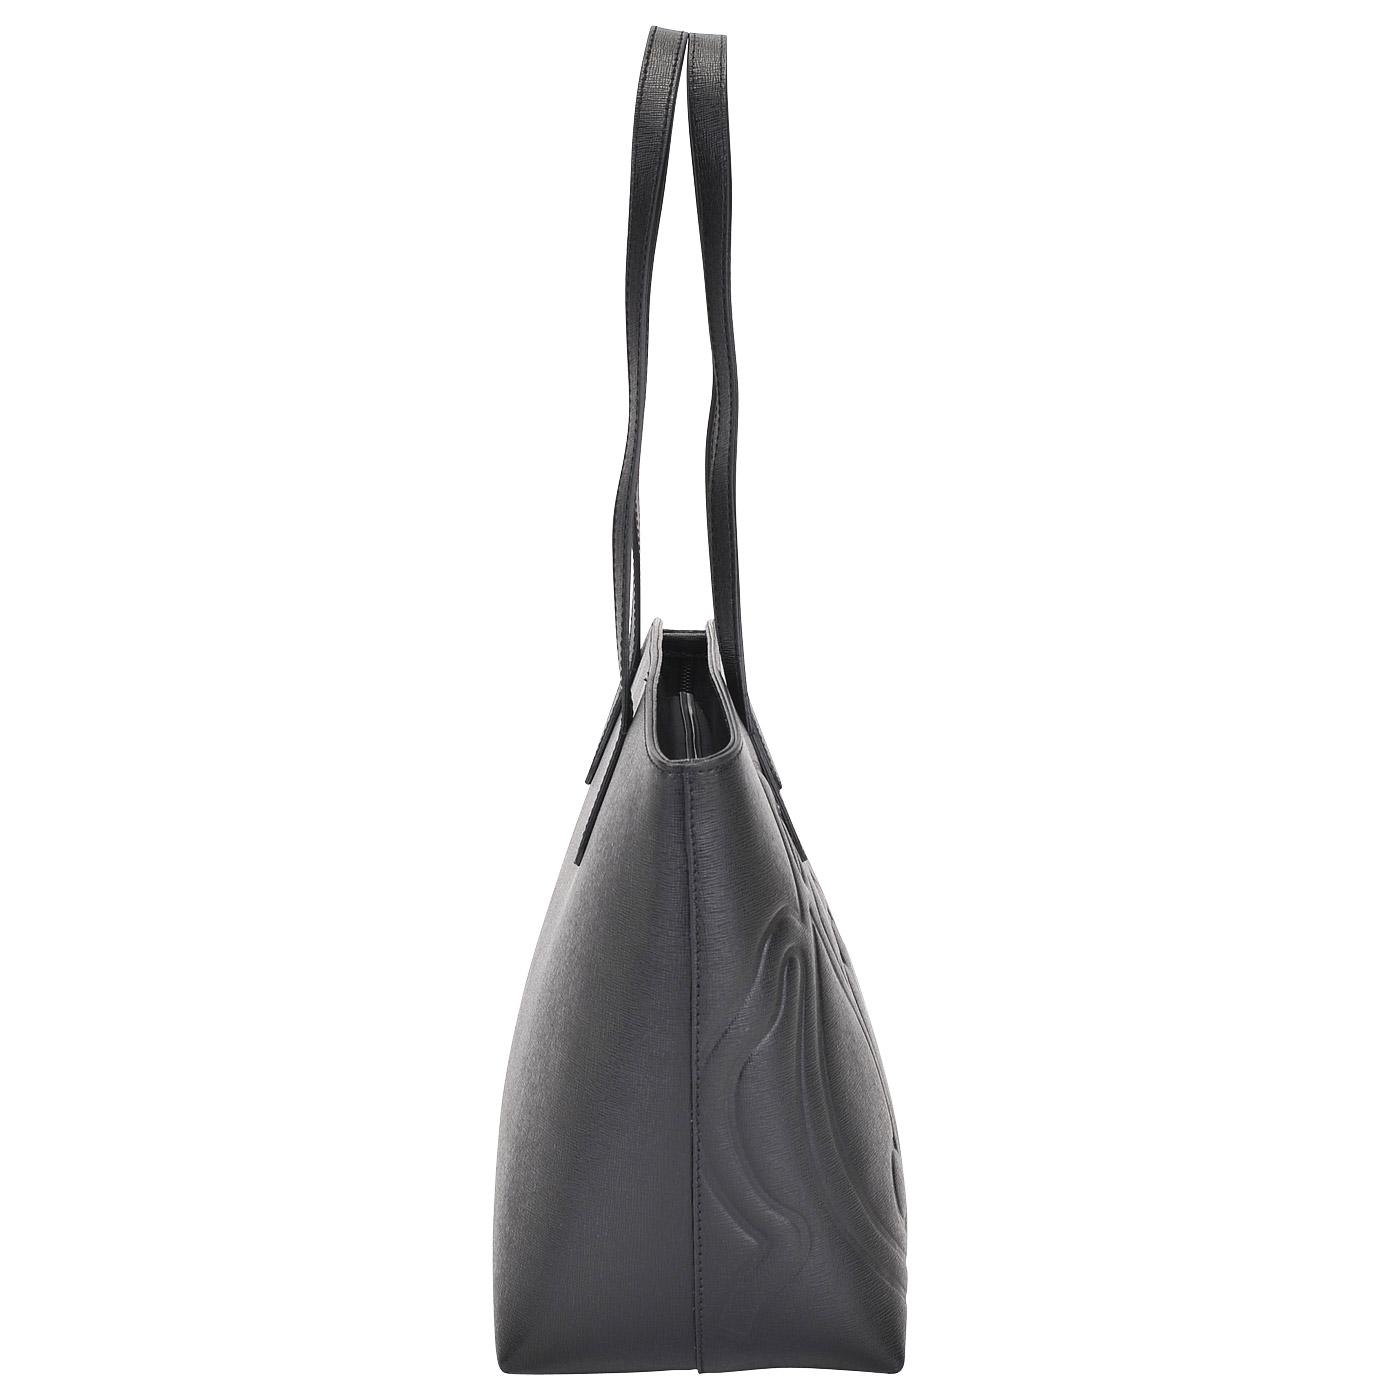 5a2475d745d9 Женская кожаная сумка Braccialini Ninfea B11191_nero - 2000557612648 ...